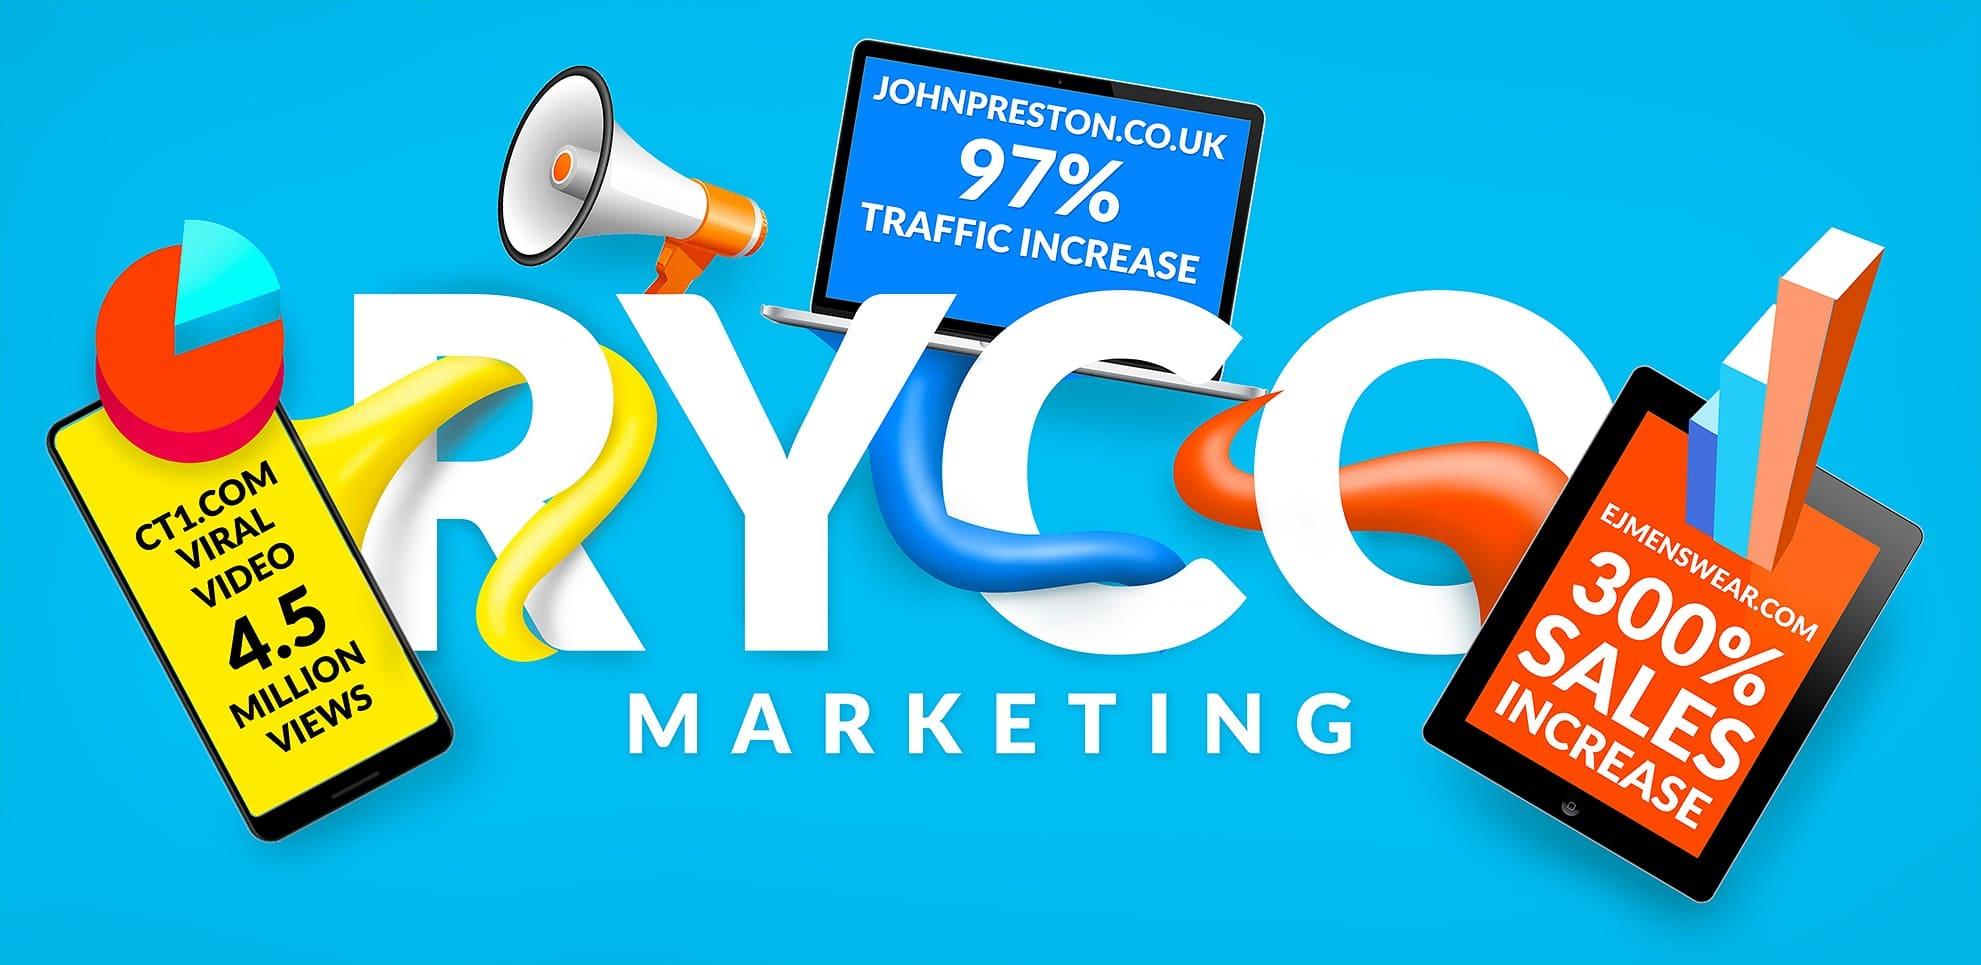 digital agency ryco marketing belfast newry